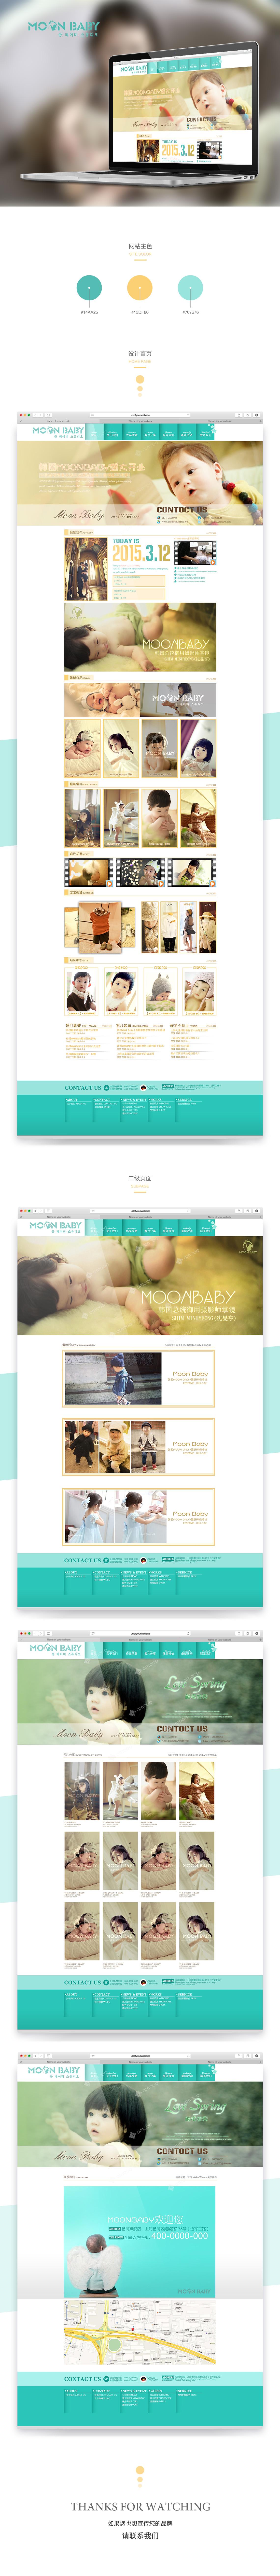 公司網站建設案例之OONBABY兒童攝影公司